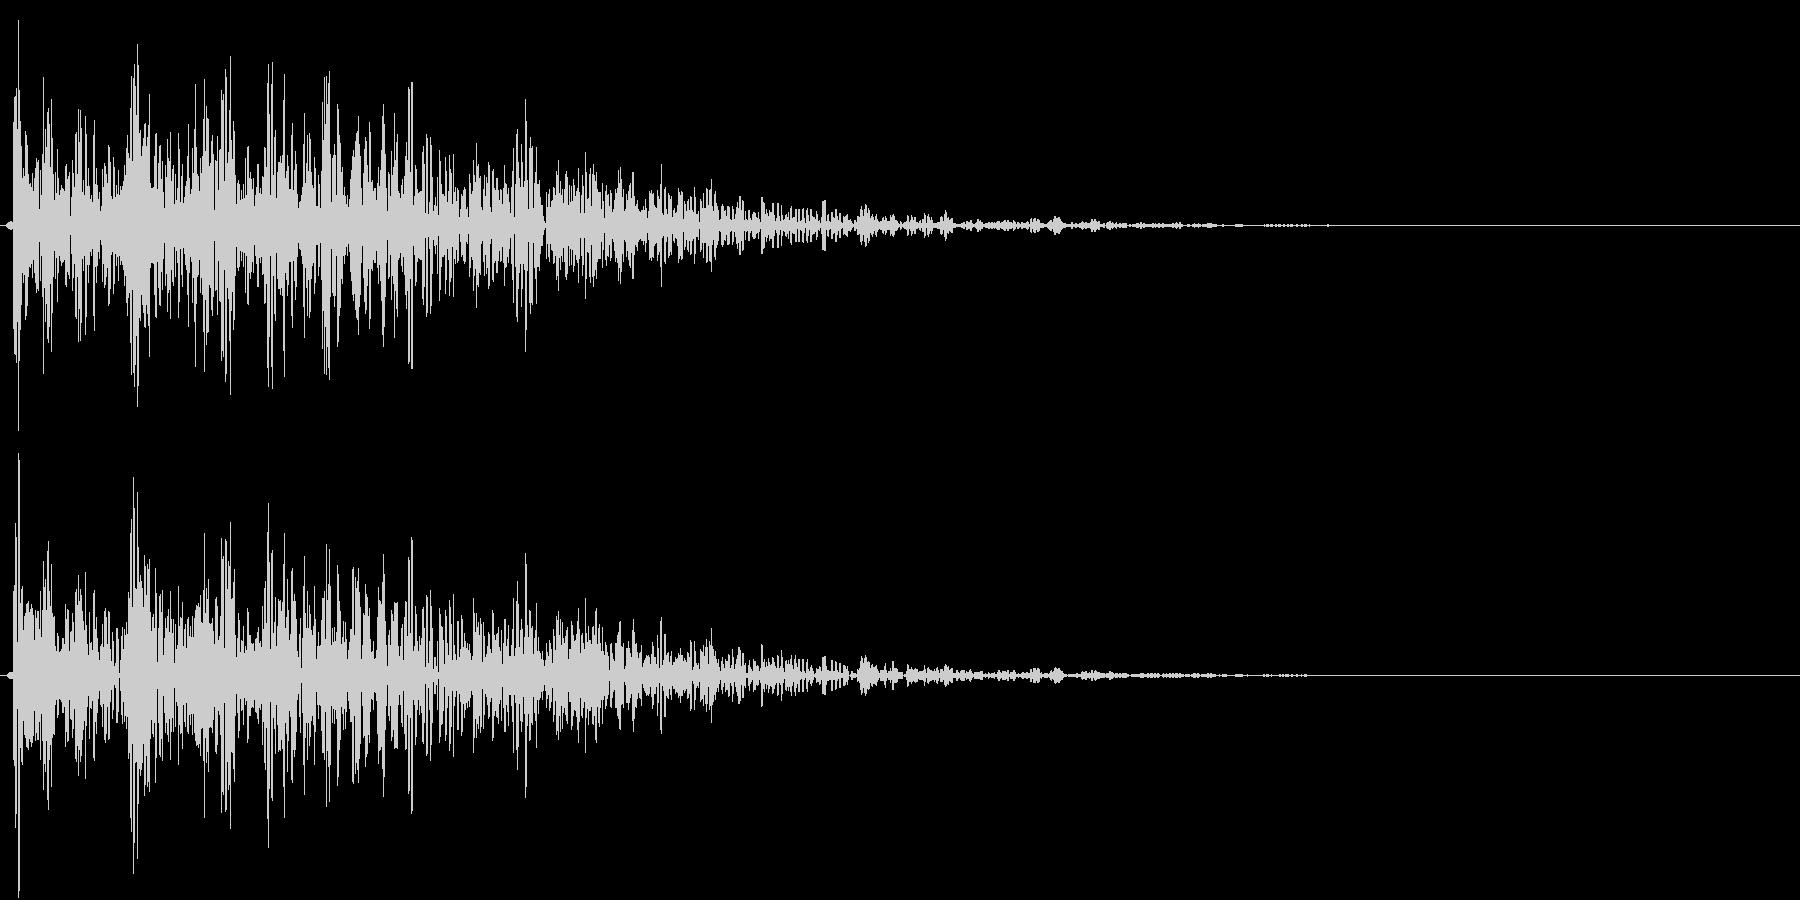 【生録音】プラのトレーを置く音 1の未再生の波形